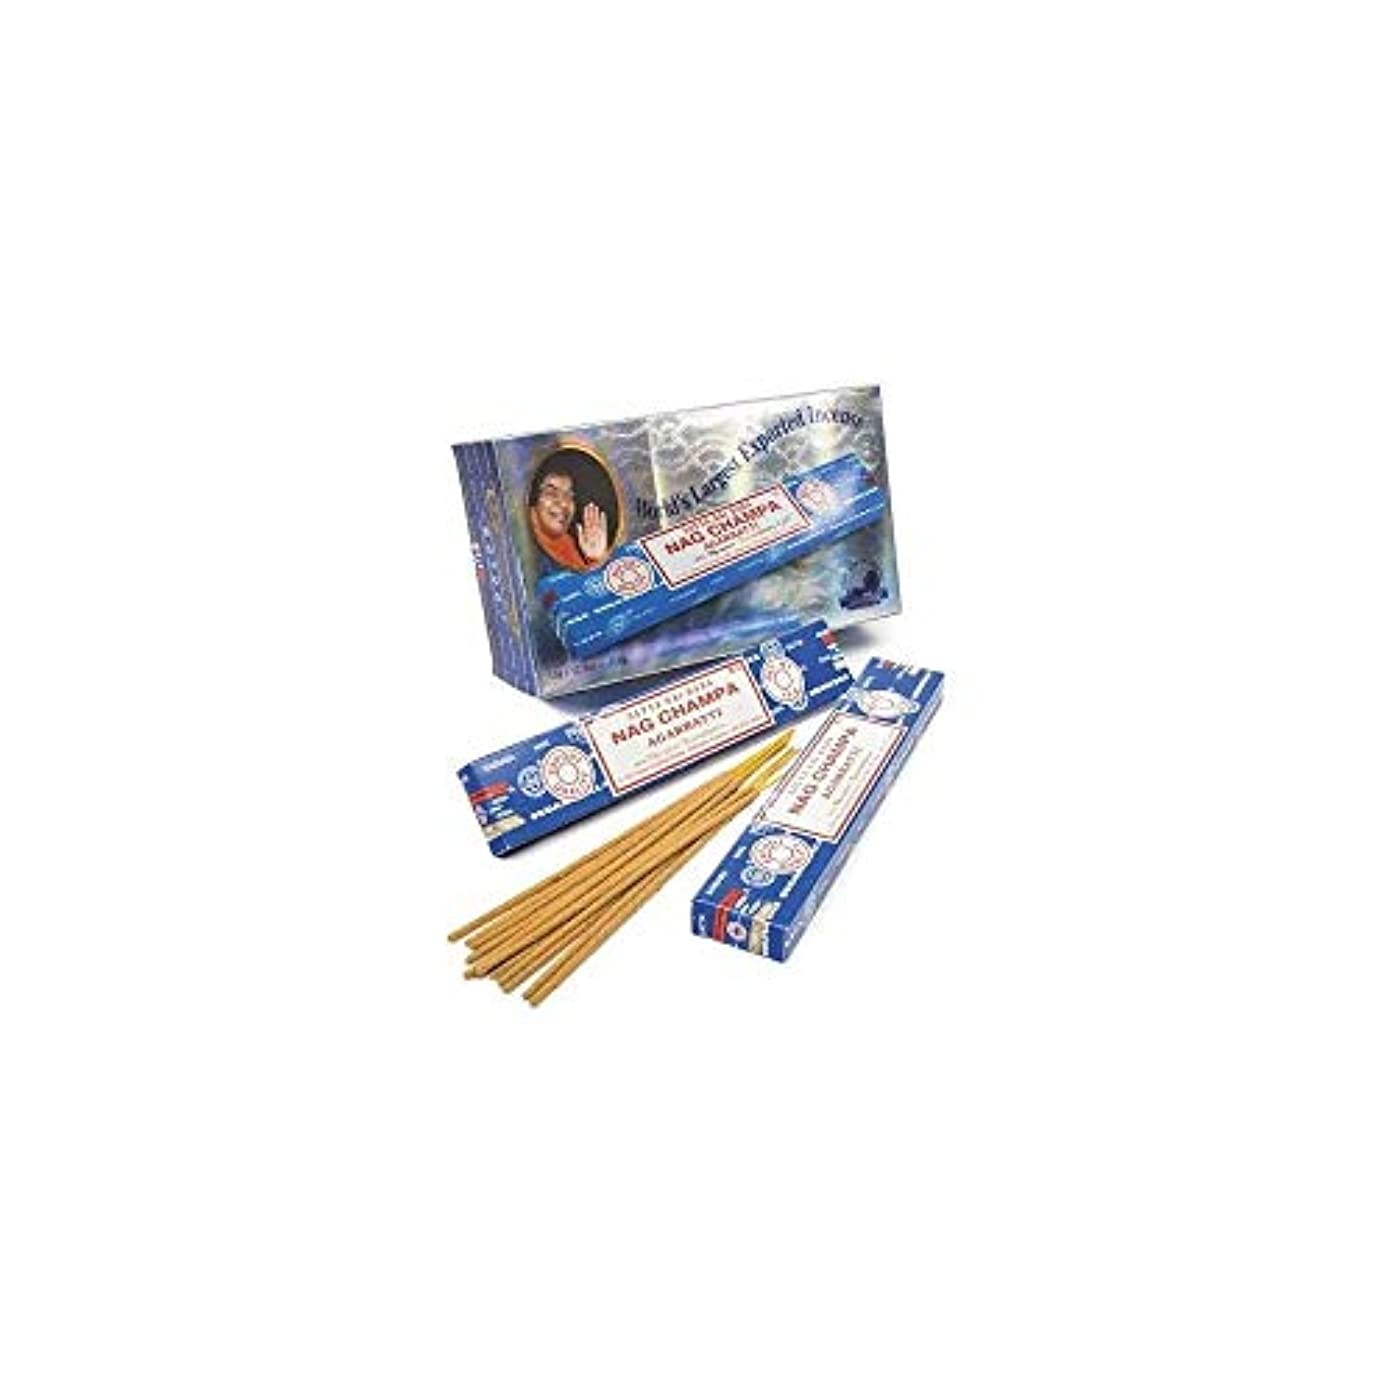 アナロジー自発購入Box Of 12 Packs Of 15g Nag Champa Incense Sticks By Satya